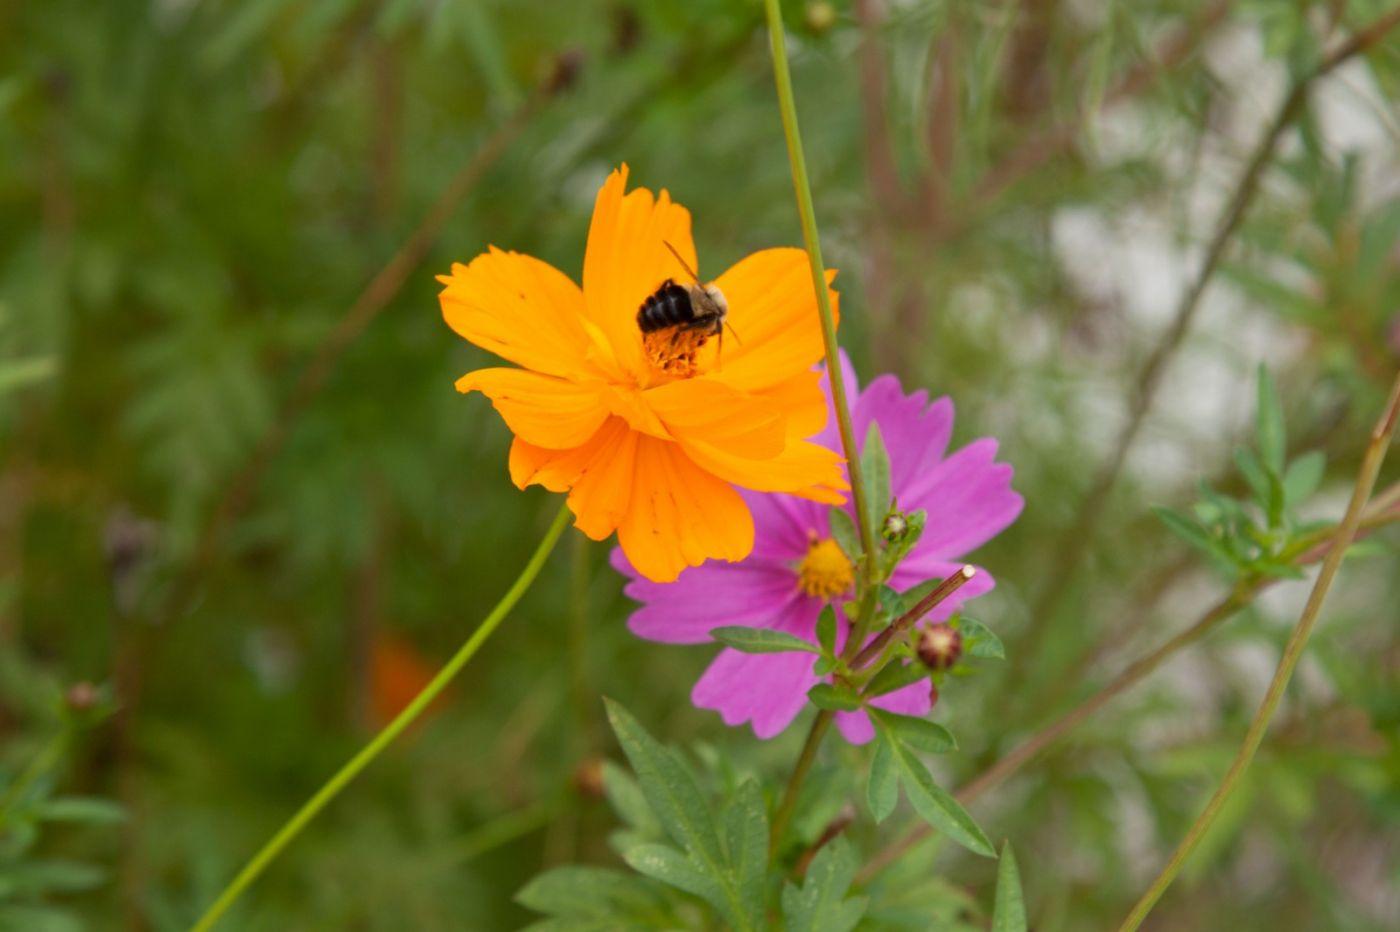 蜂在花丛中_图1-12